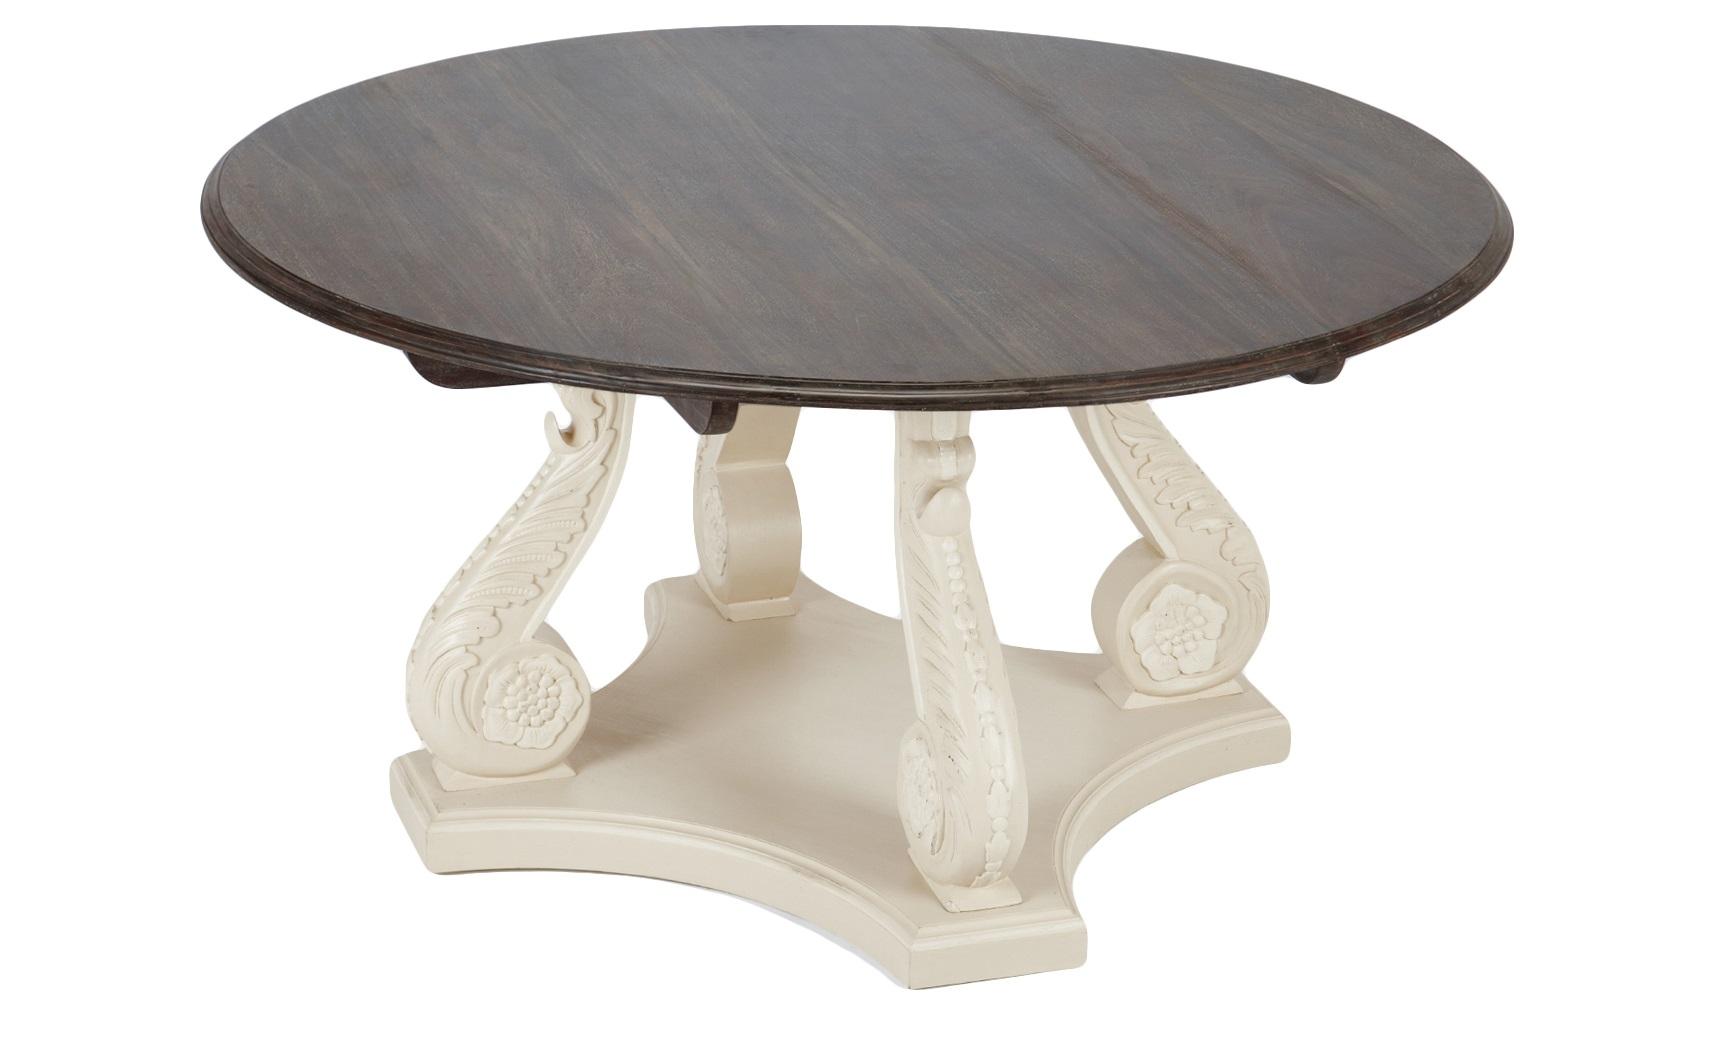 Стол обеденныйОбеденные столы<br>Стол обеденный круглый в классическом стиле на резном подстолье из дерева махагони. Декорирован старением.<br><br>Material: Красное дерево<br>Height см: 77<br>Diameter см: 150